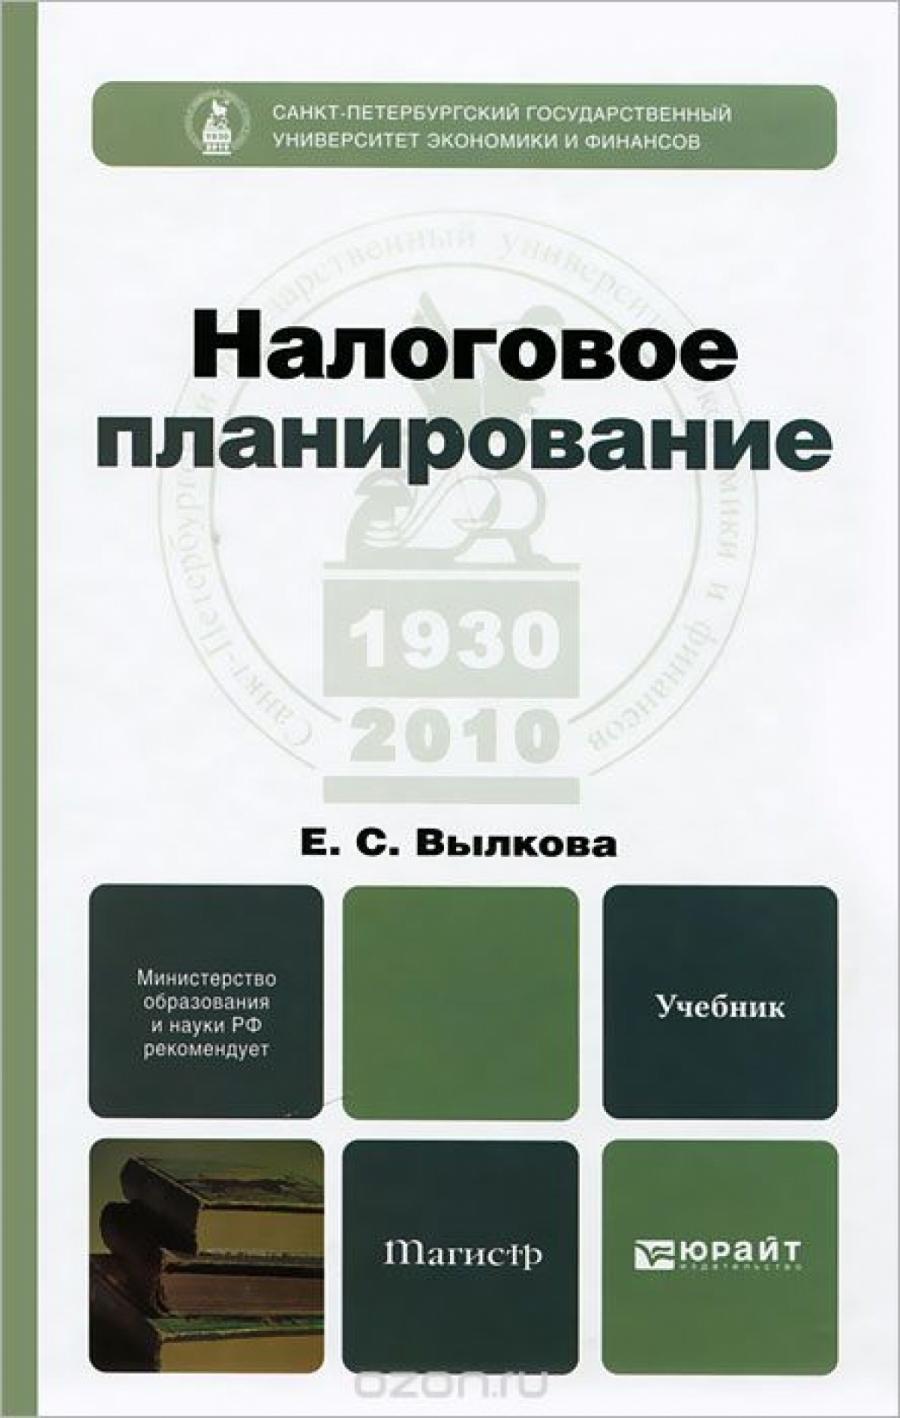 Обложка книги:  пнп - энциклопедия налогового планирования